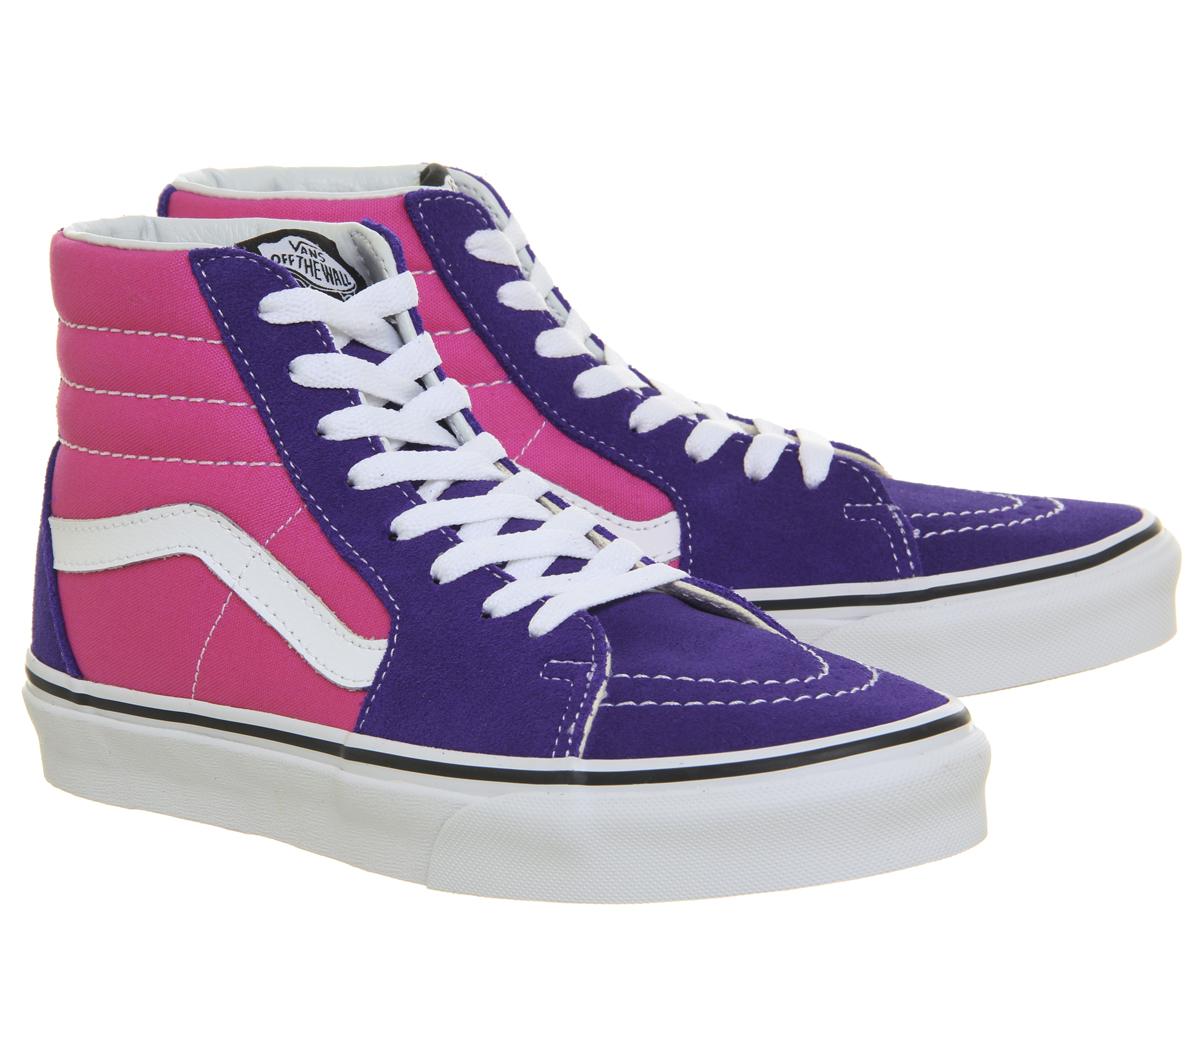 a256967f8 Zapatillas para mujer Vans Sk8 Hi Azul Profundo Rosa Caliente ...